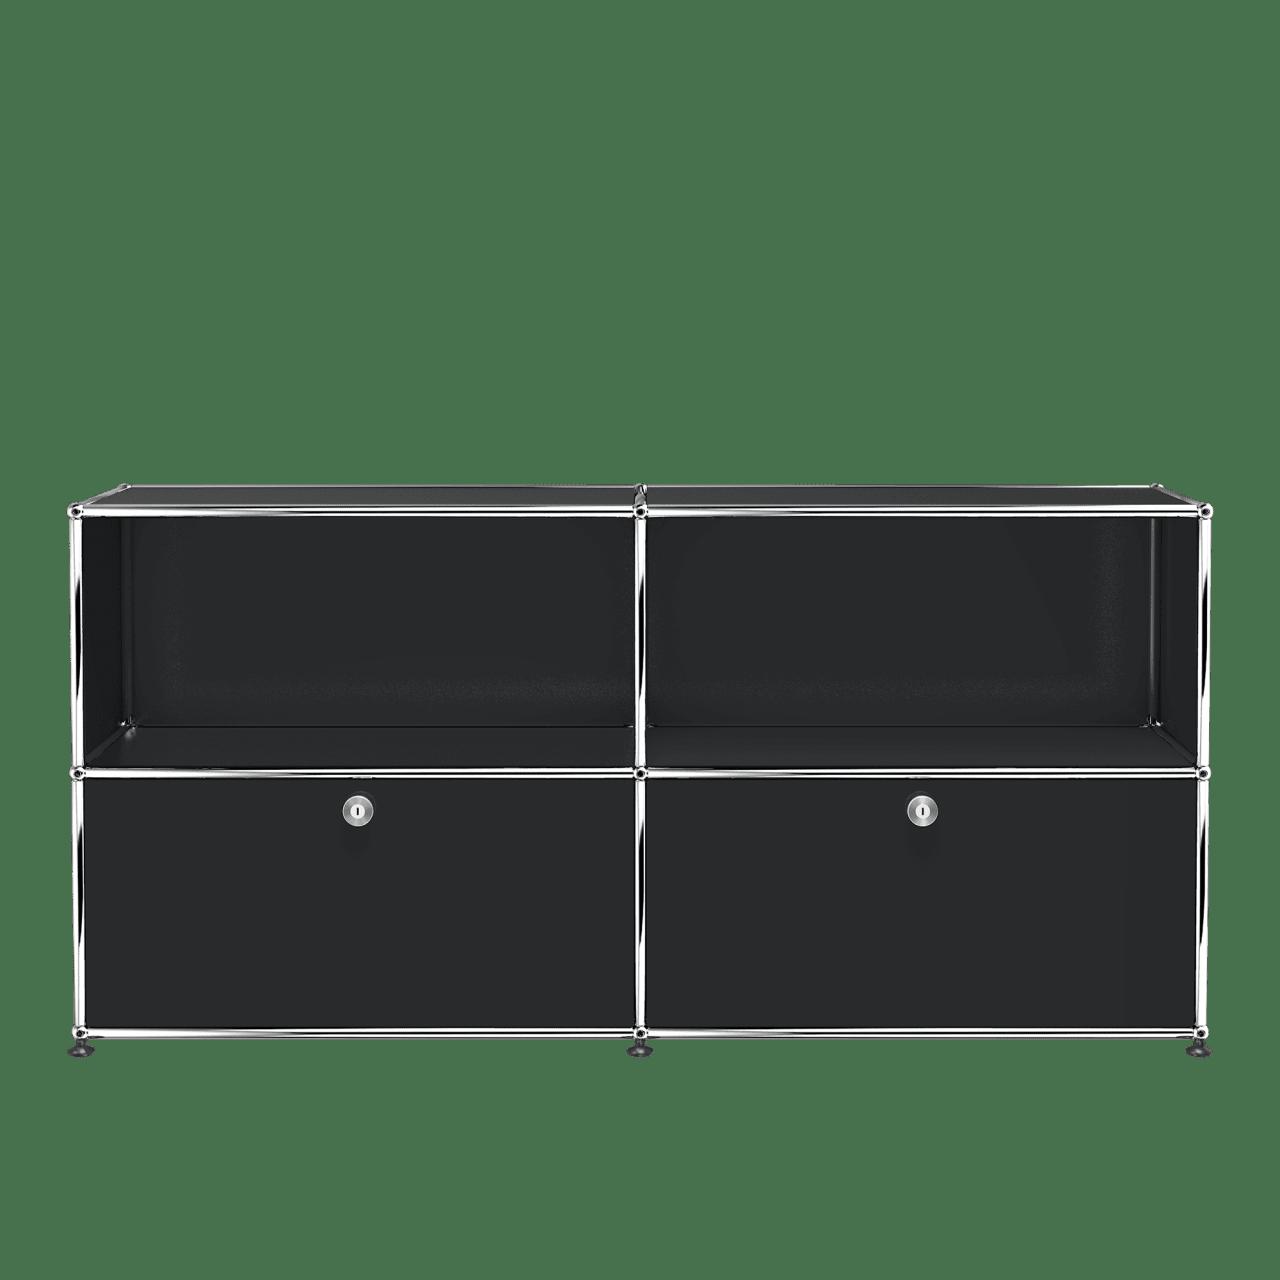 Haller Sideboard 2x2 mit Klappen unten